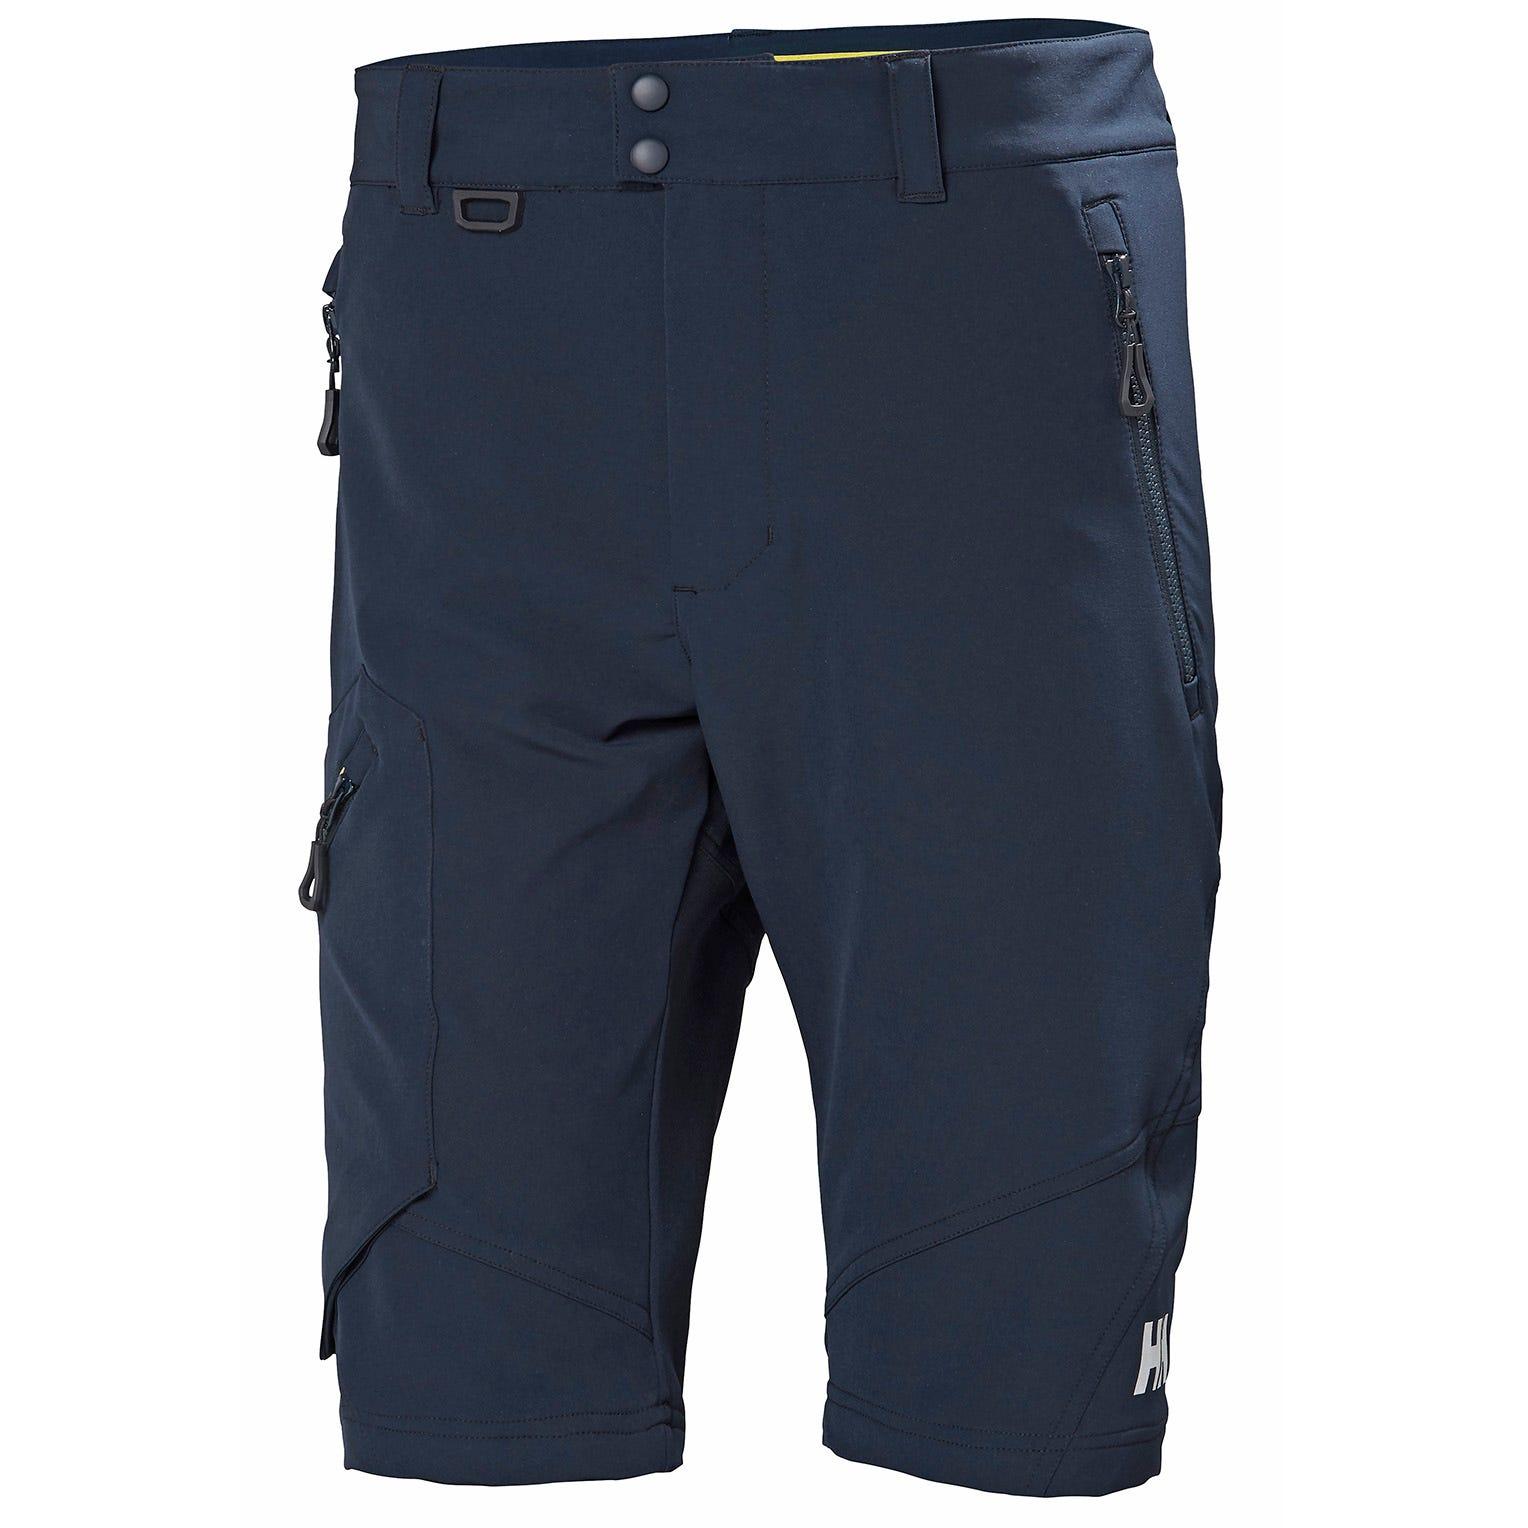 Helly Hansen Hp Softshell Shorts Mens Sailing Pant Navy M